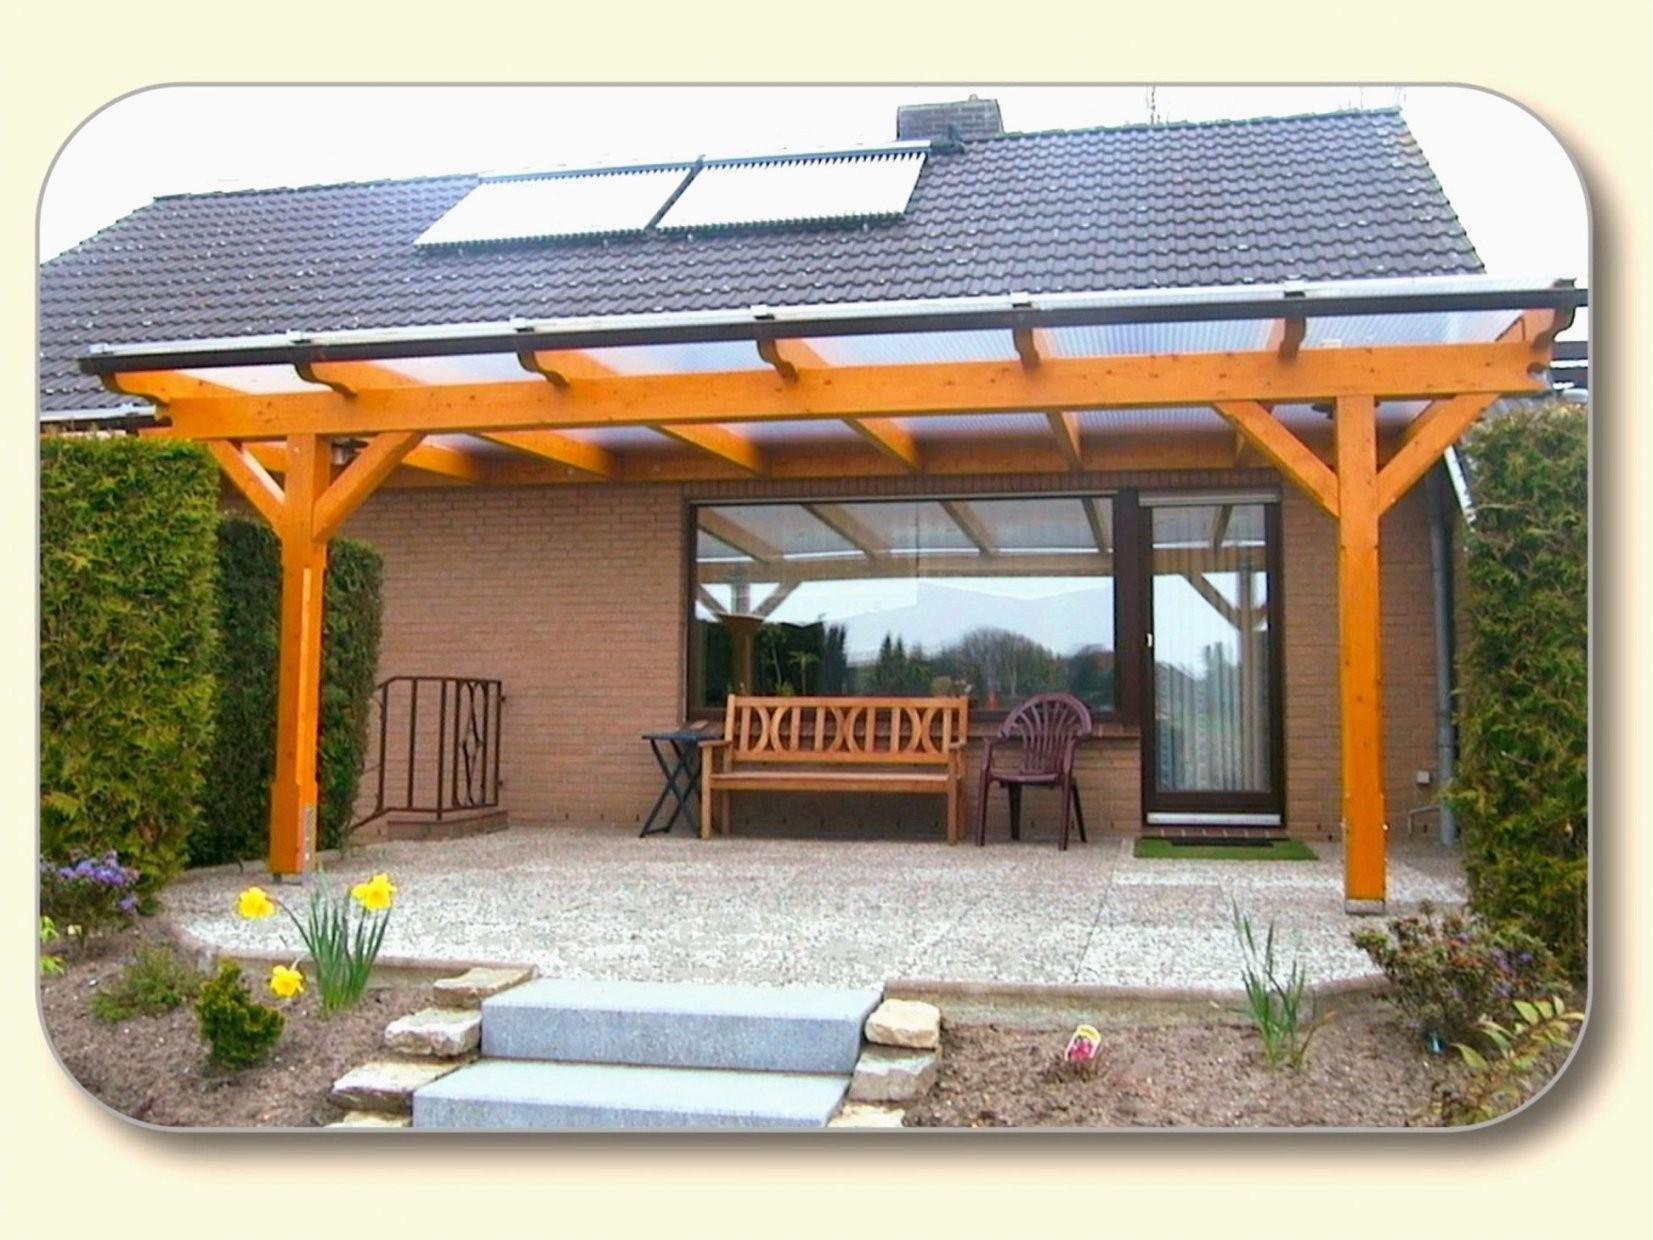 Terrasse Bauen Stein Kosten Gartenhaus Selber Qualitaumlt Kosten von Überdachte Terrasse Selber Bauen Photo